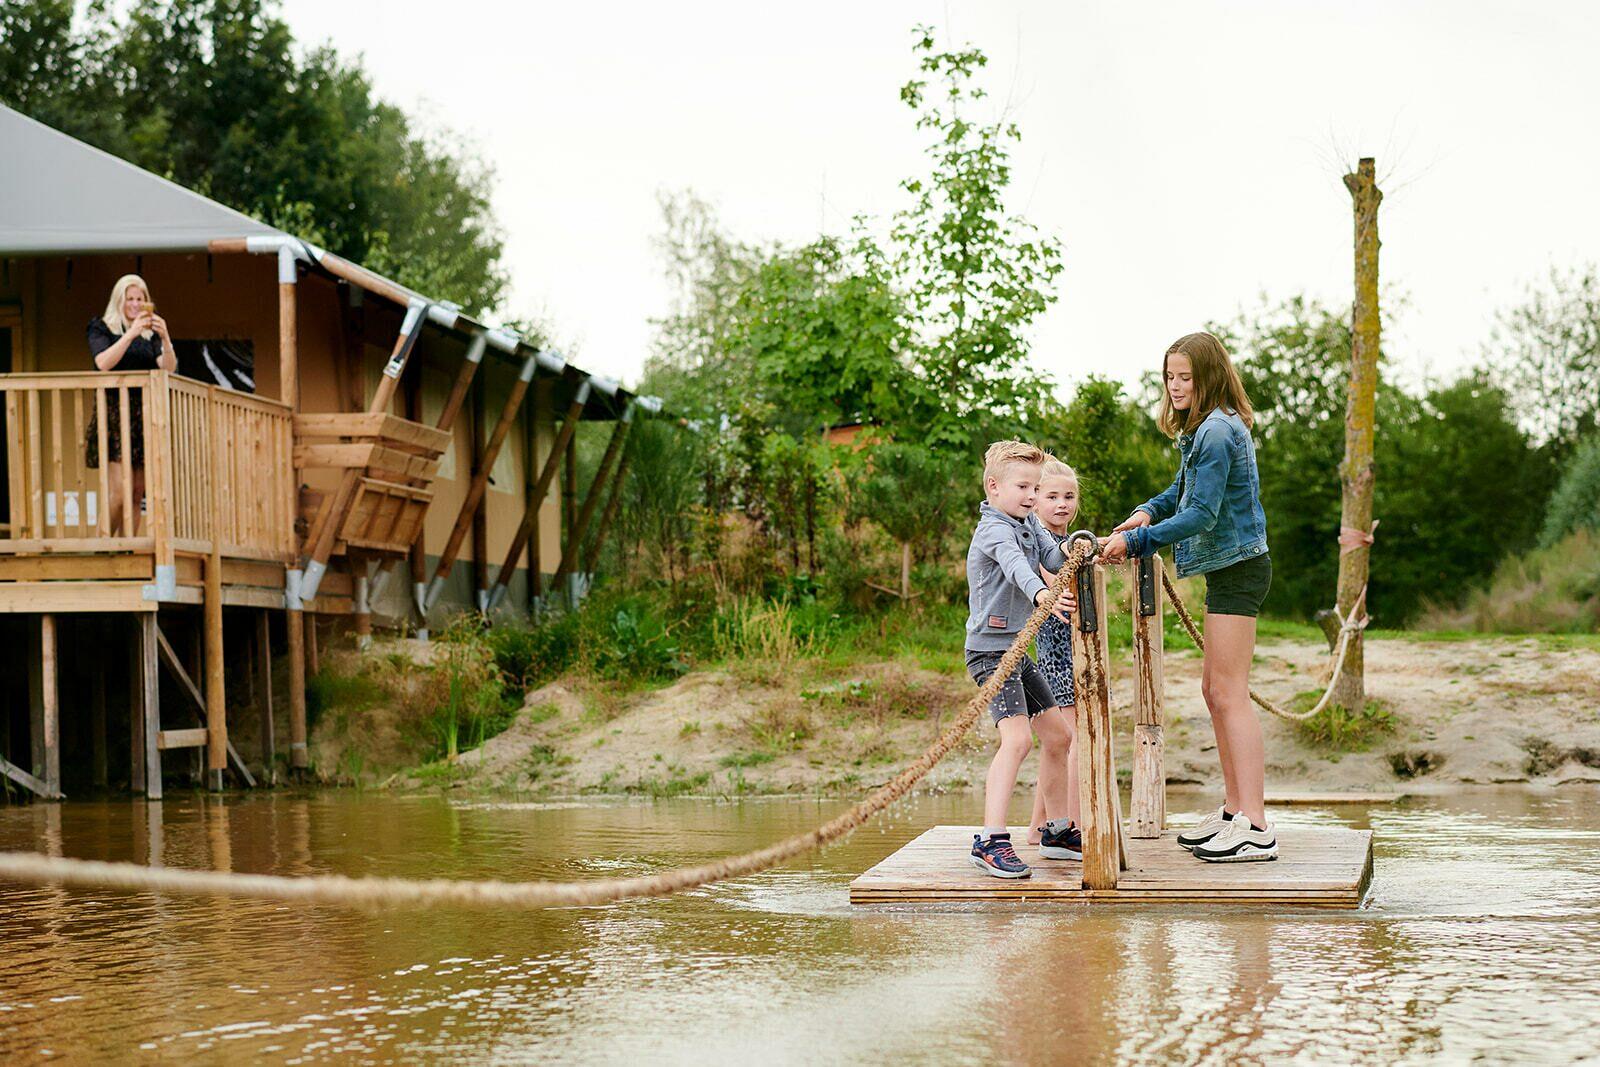 Play pond